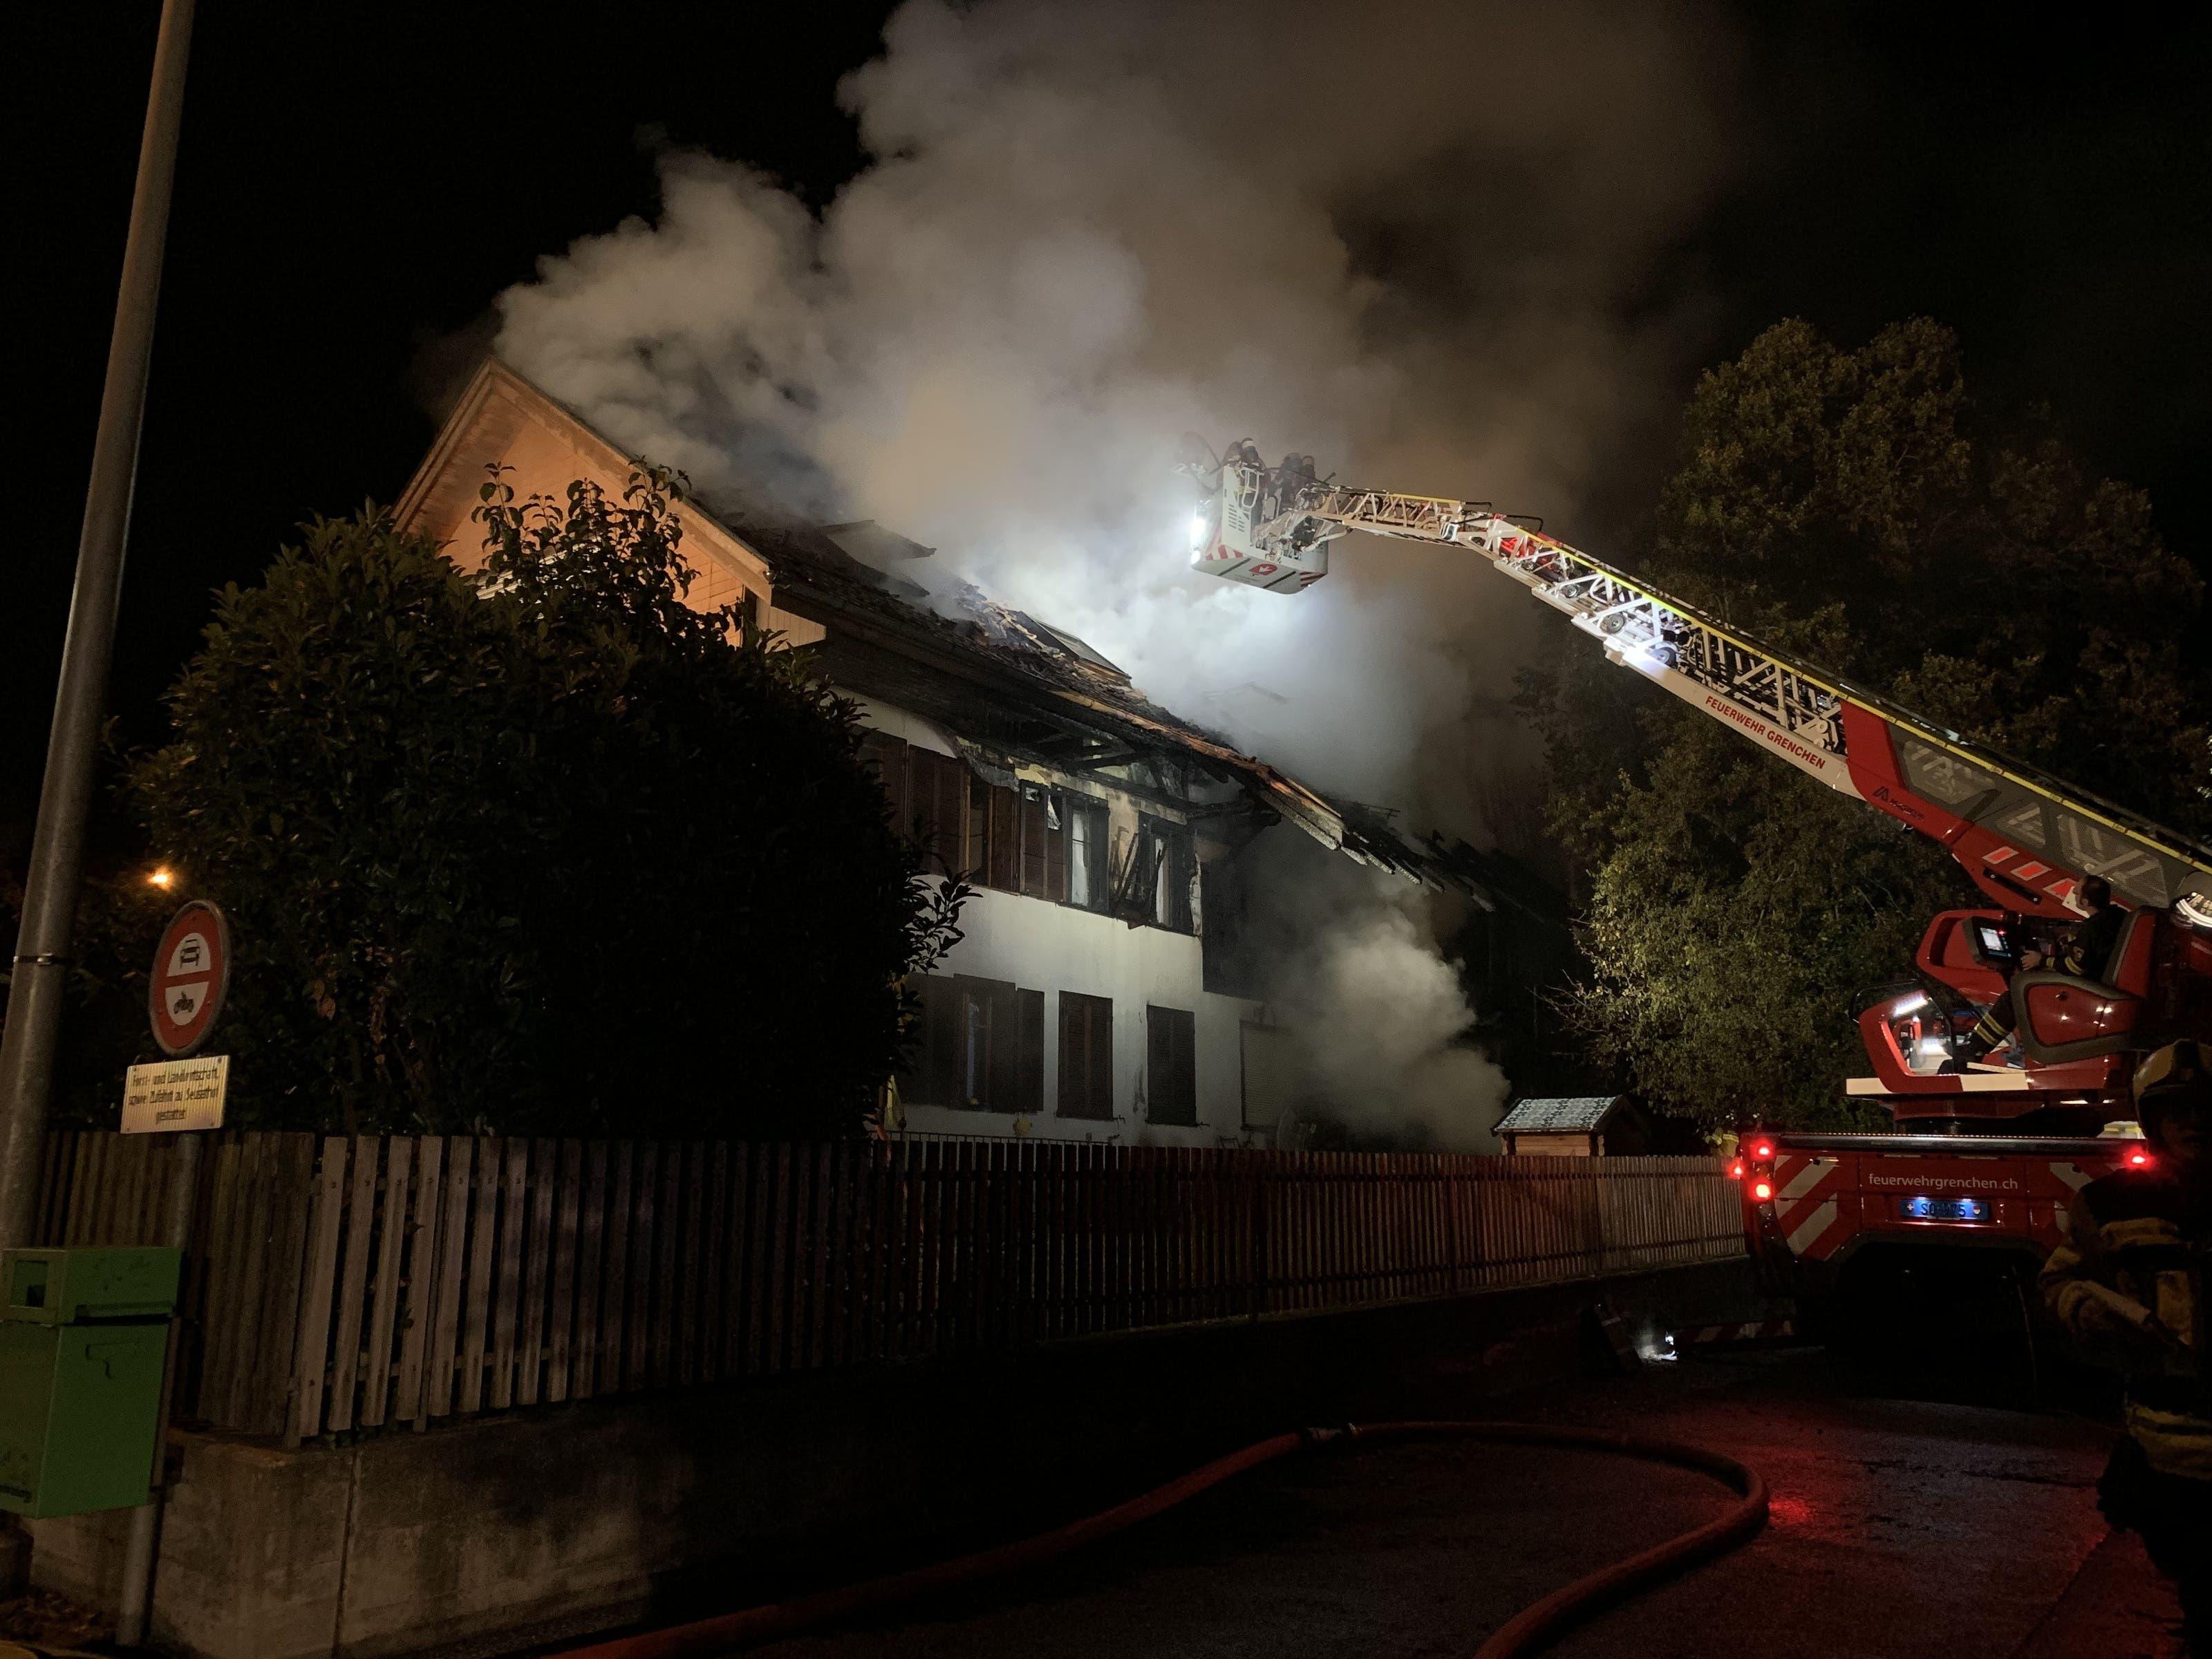 12.Oktober 2019: Das Feuer breitete sich bis in den Dachstock der Liegenschaft aus. Das Haus war danach unbewohnbar.